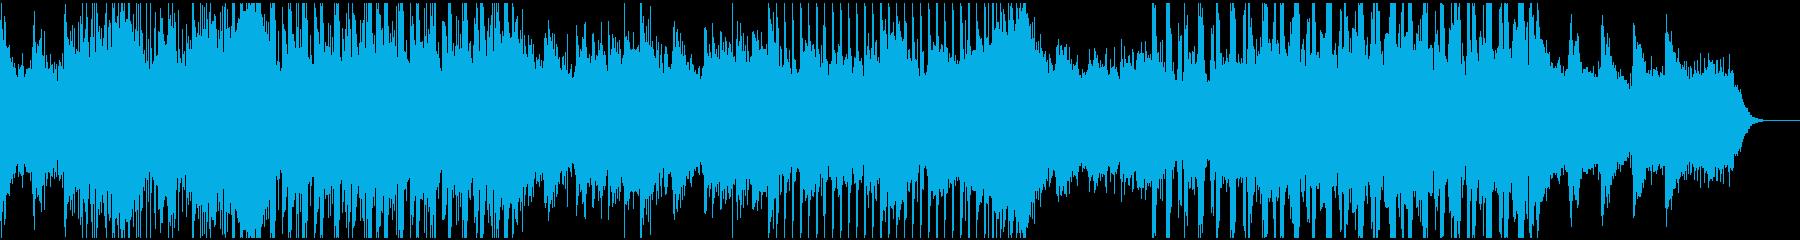 エモいlofi系のイージーリスニングの再生済みの波形